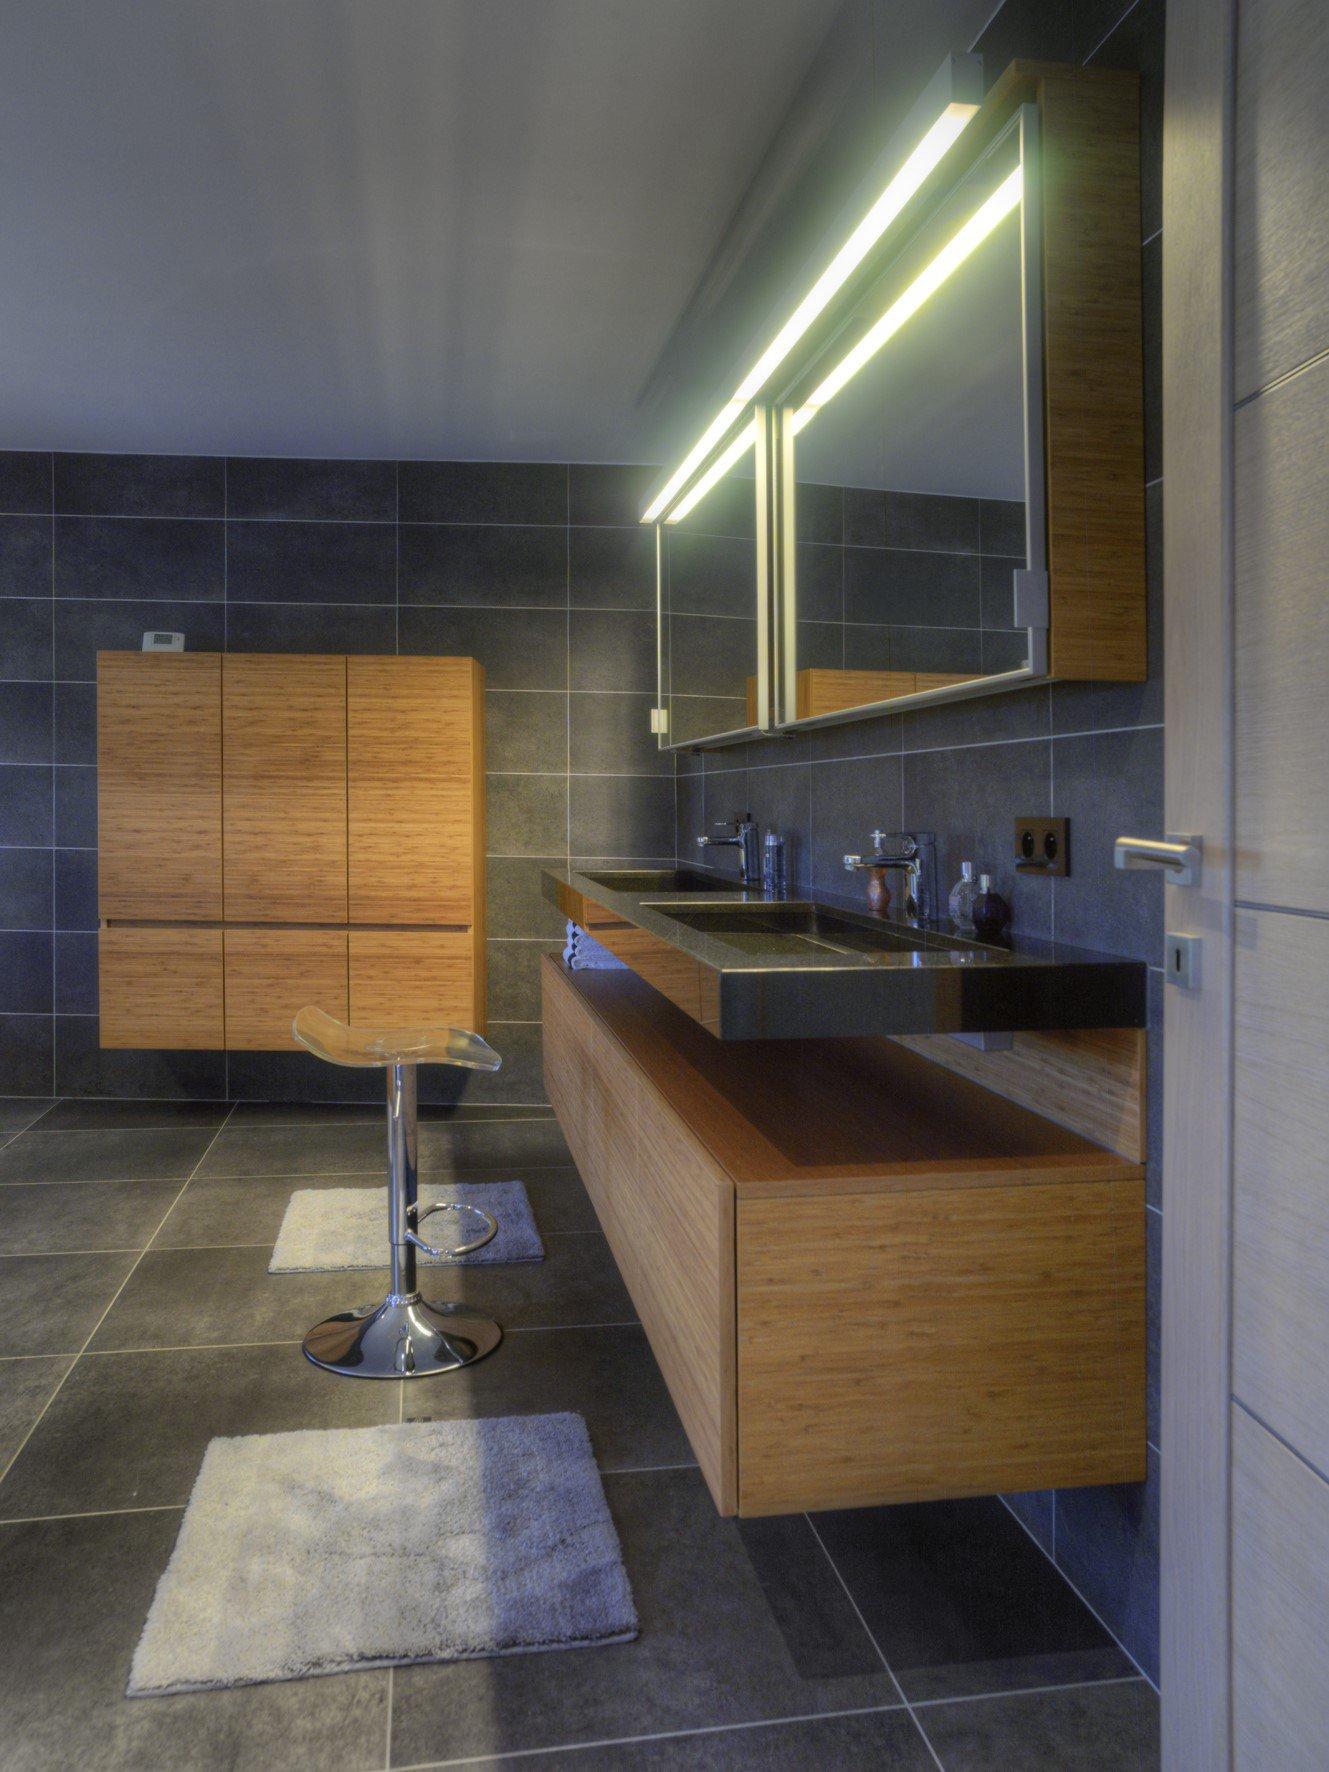 Assenti-badkamers-merk-Mijn-Bad-In-Stijl-badkamer-merken-6